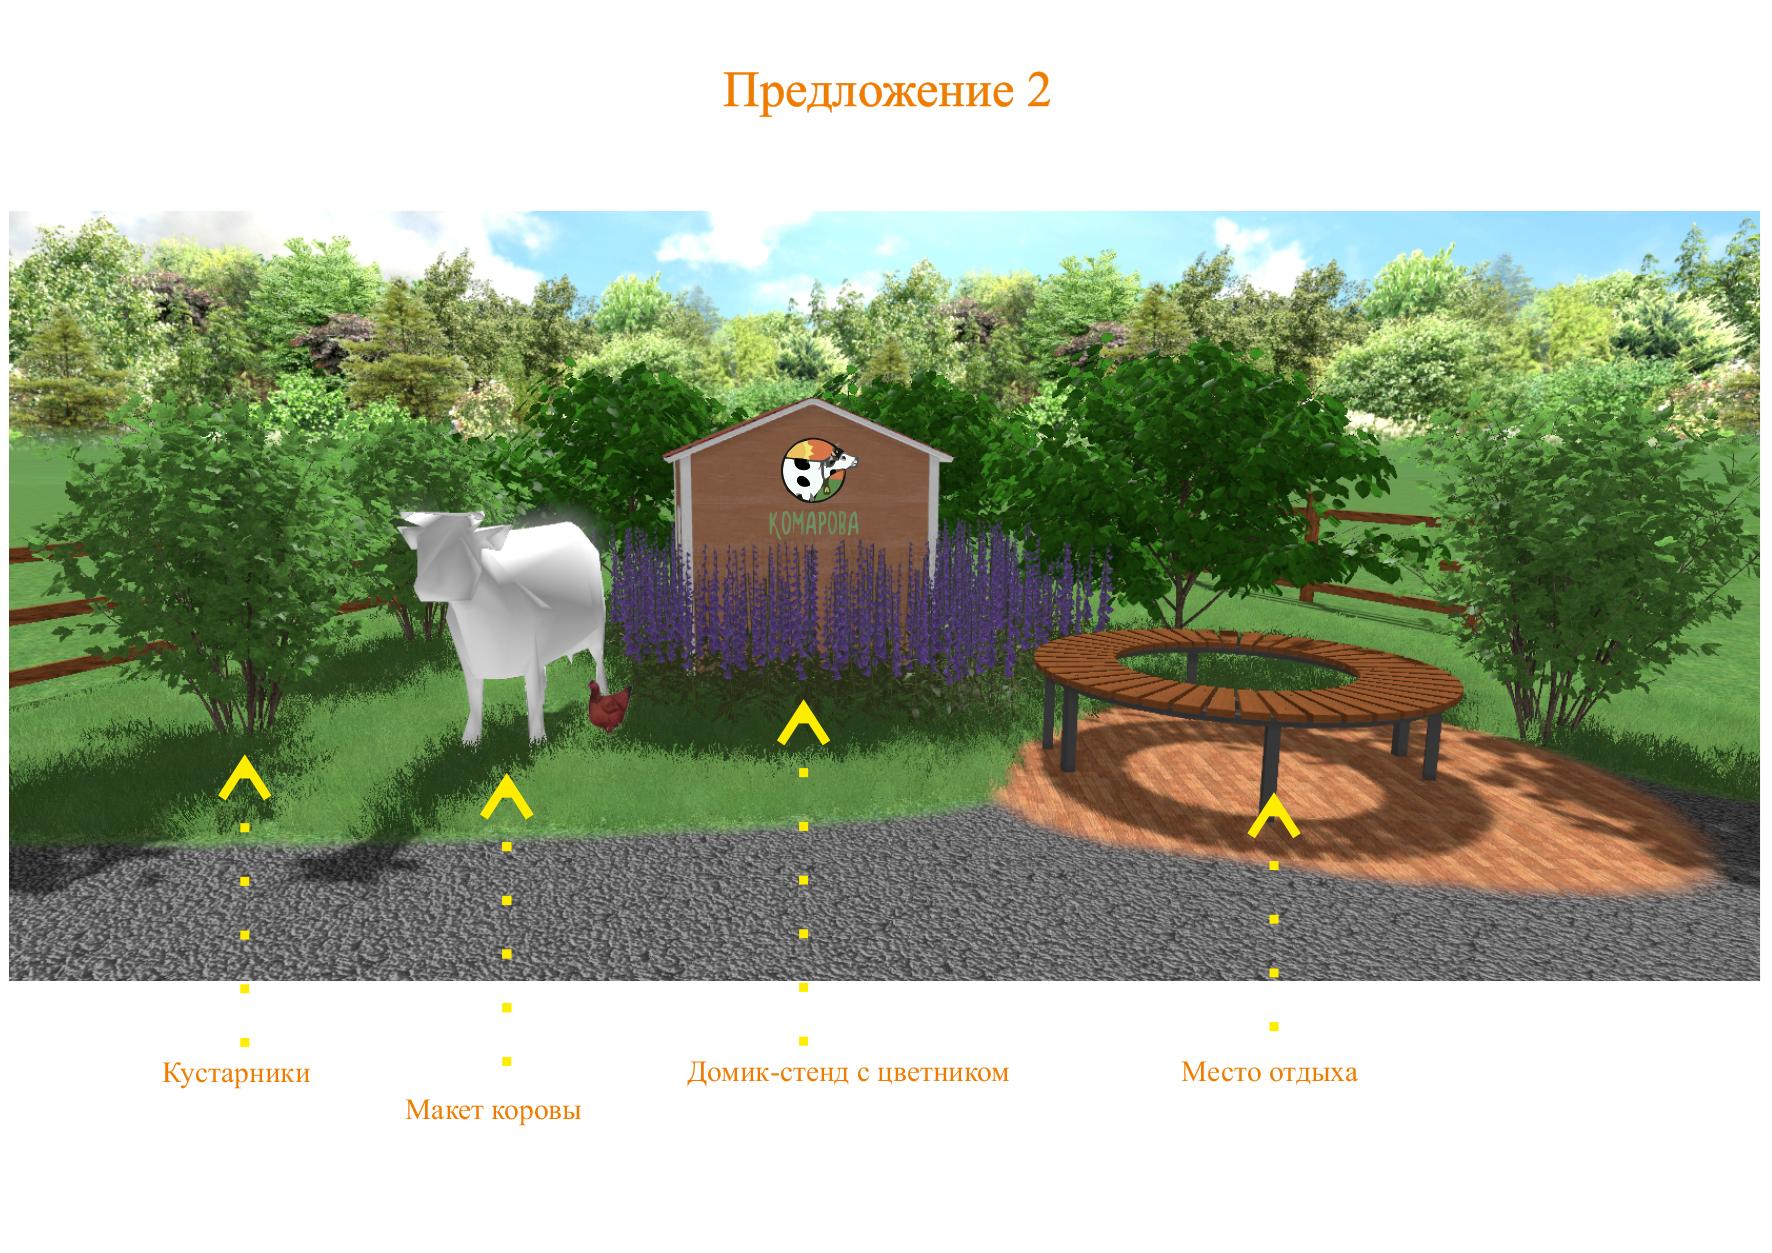 Проект по благоустройству  участка дворовой территории фото f_4075bc64d27e94f5.jpg